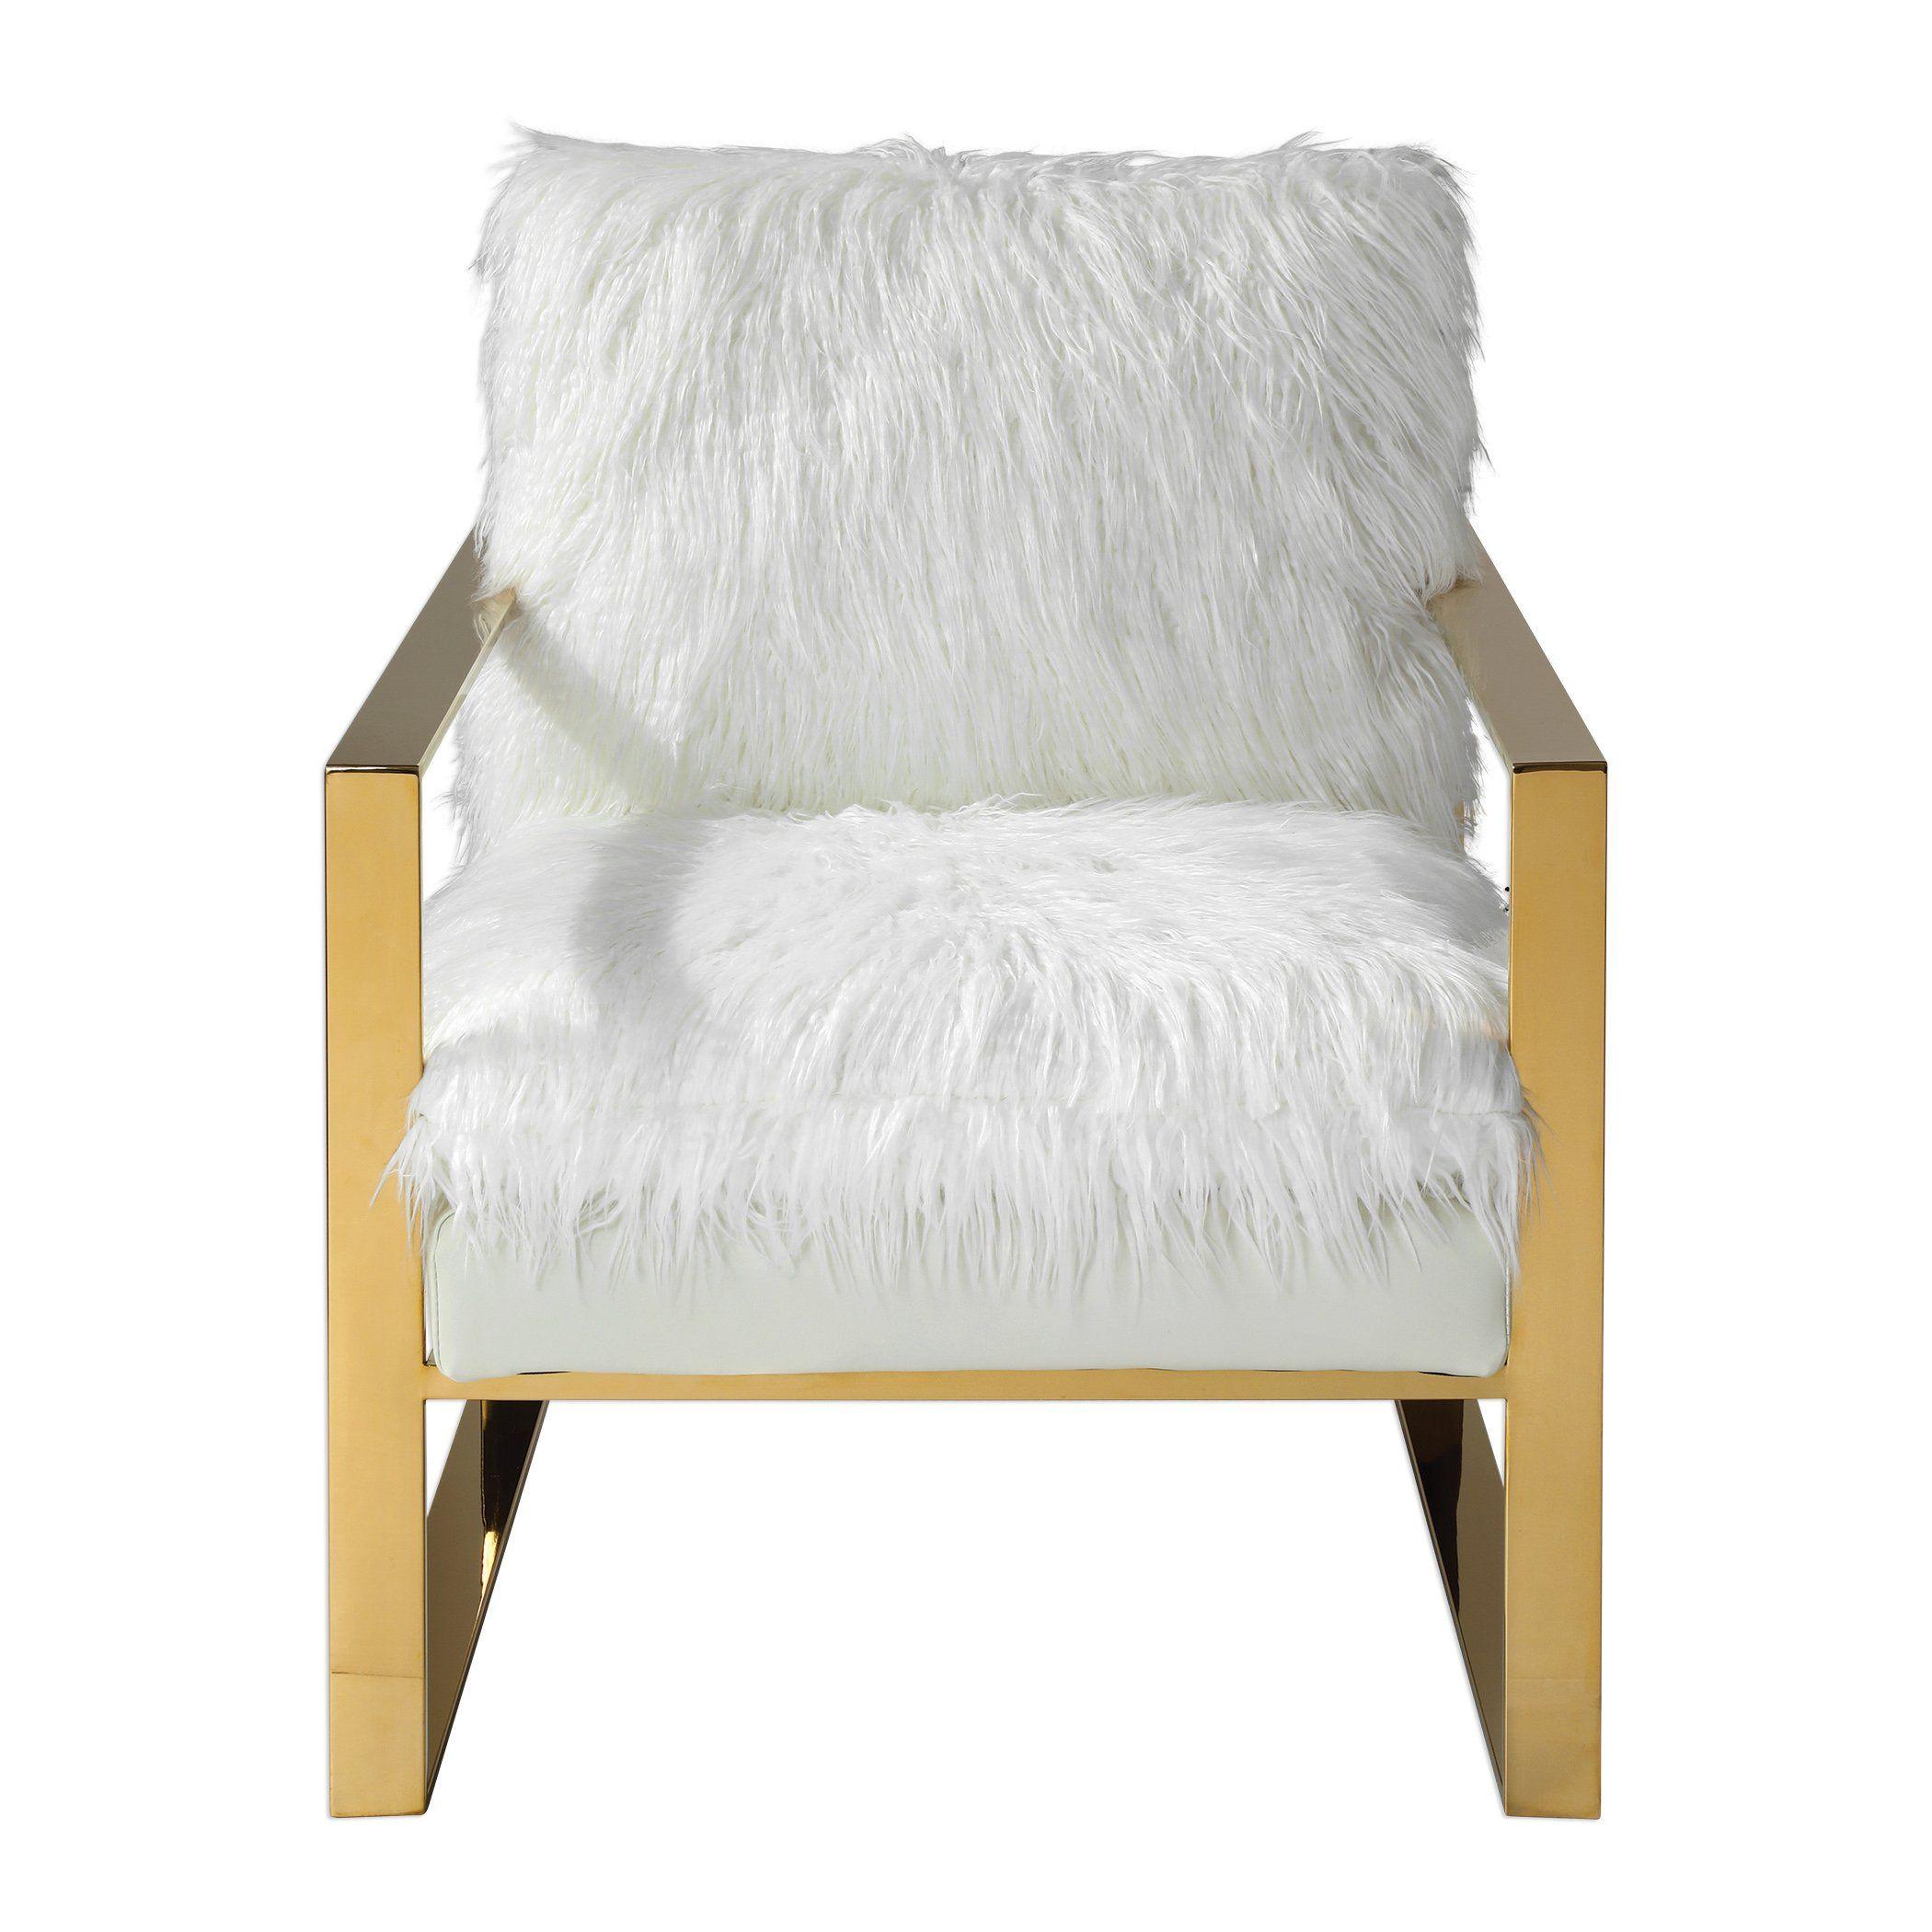 Uttermost 23438 Delphine White Accent Chair | Furniture & Decor ...